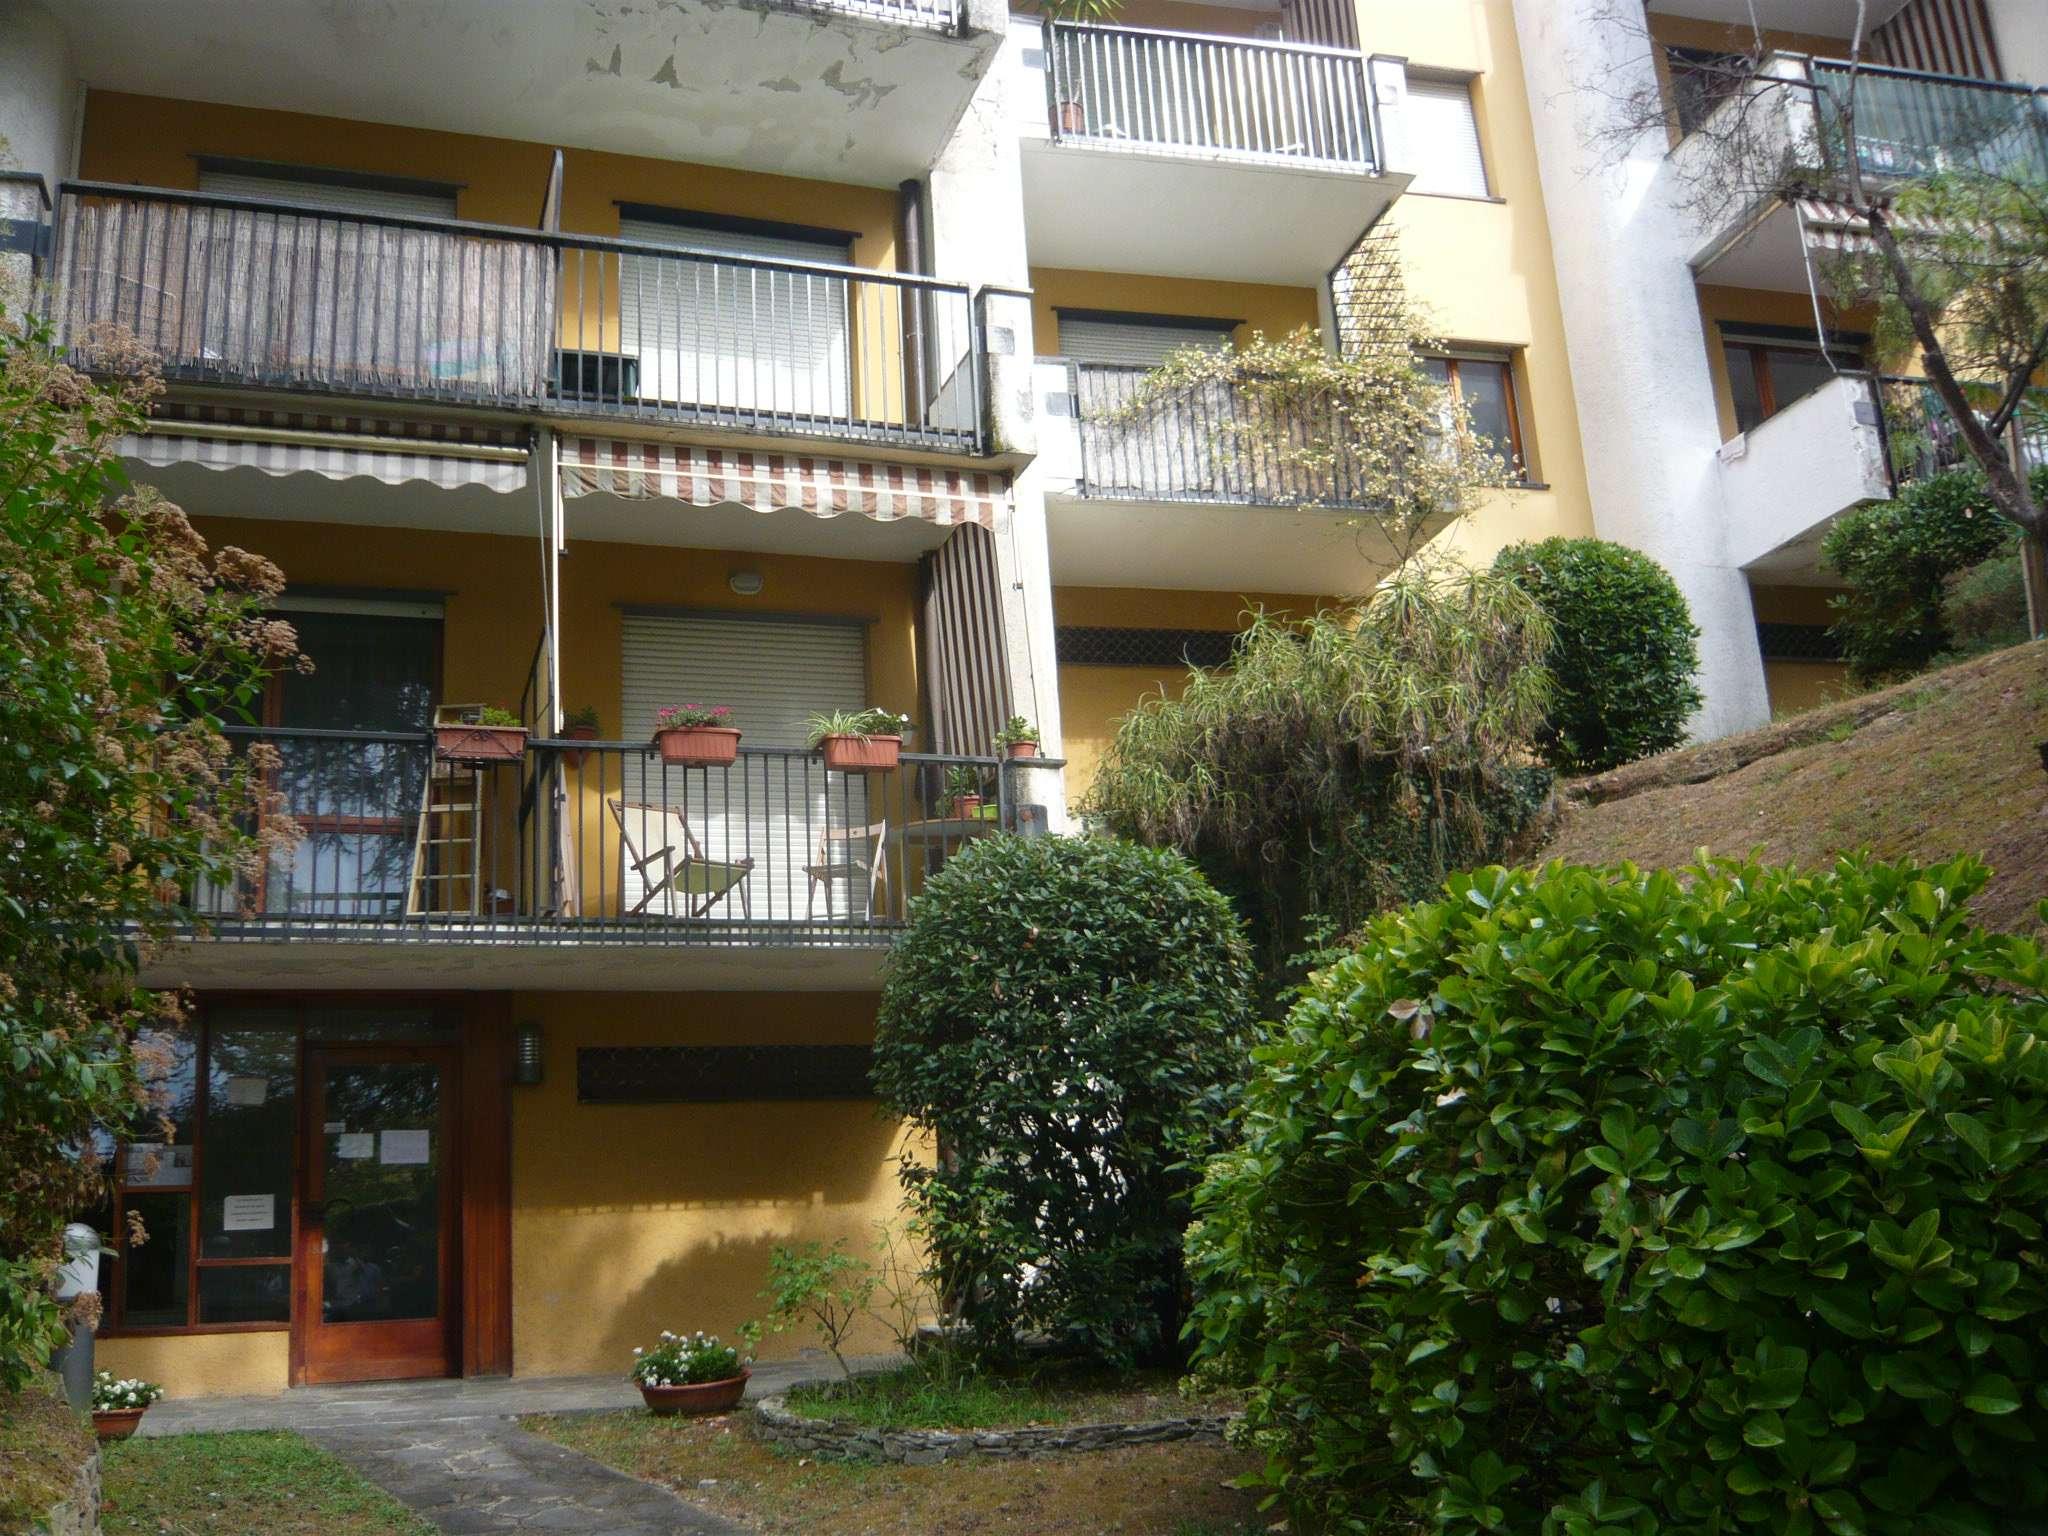 Agenzie Immobiliari A Rapallo in vendita - gruppo lazzerini - agenzia immobiliare a rapallo